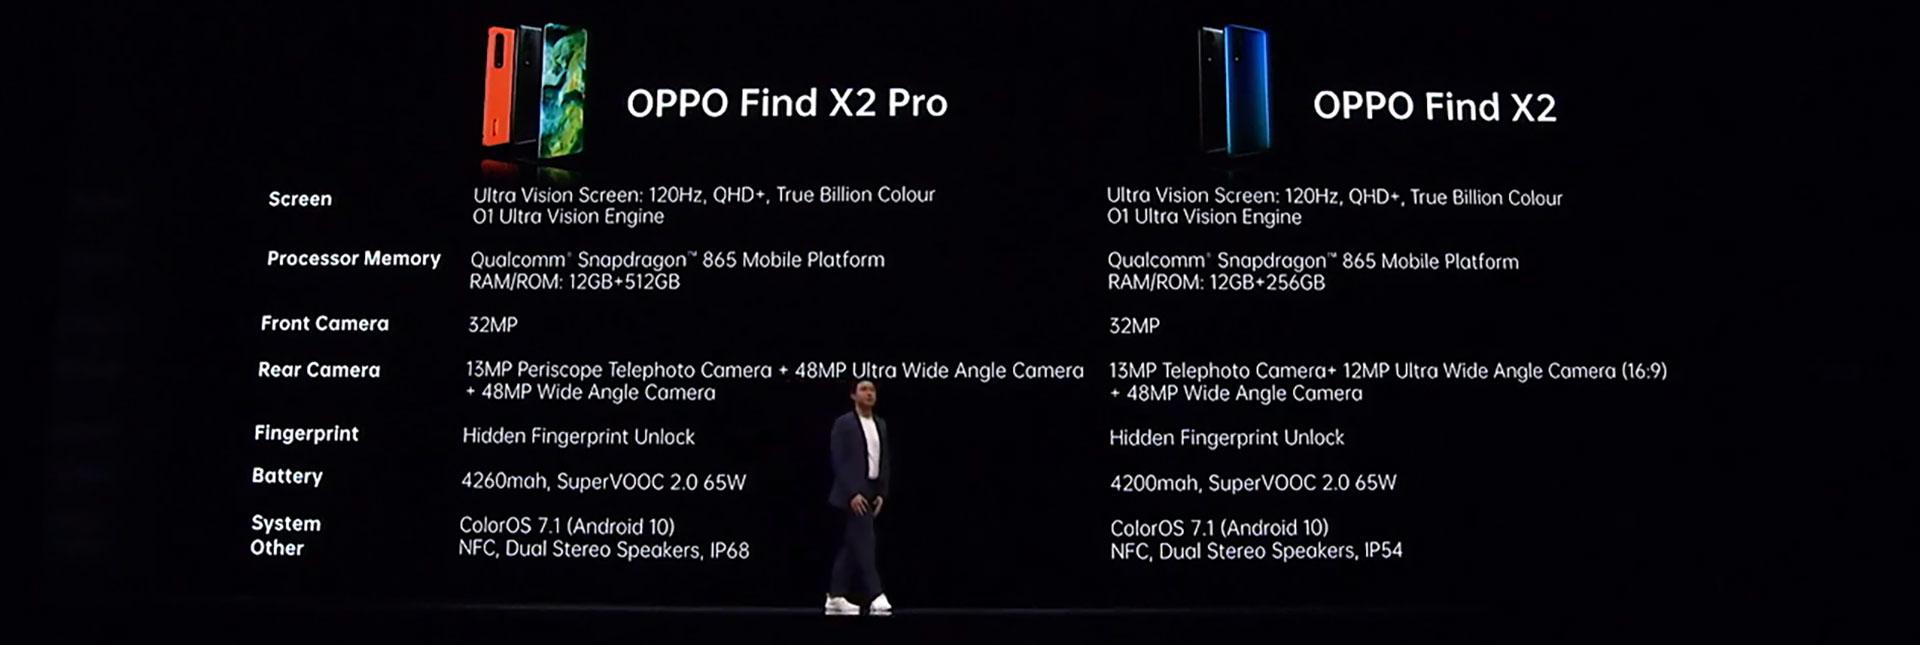 Oppo Find X2 Specs